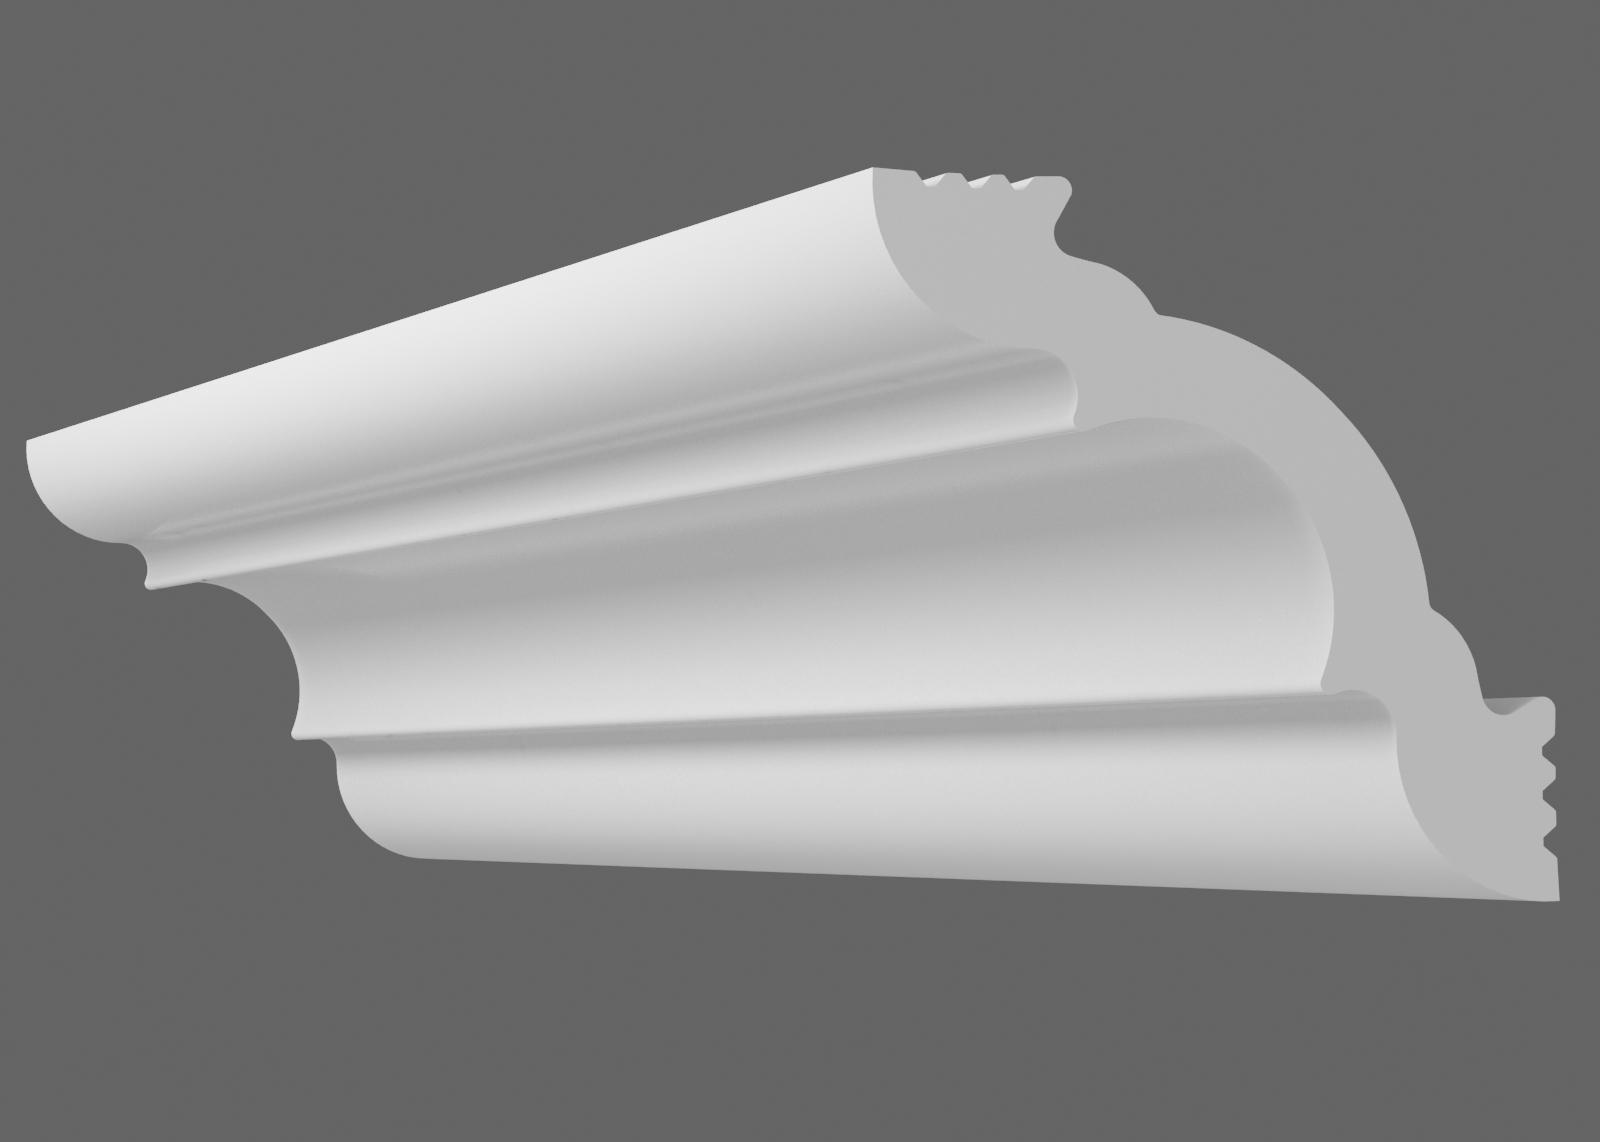 Потолочный плинтус K-40 (Размер:30х30мм)